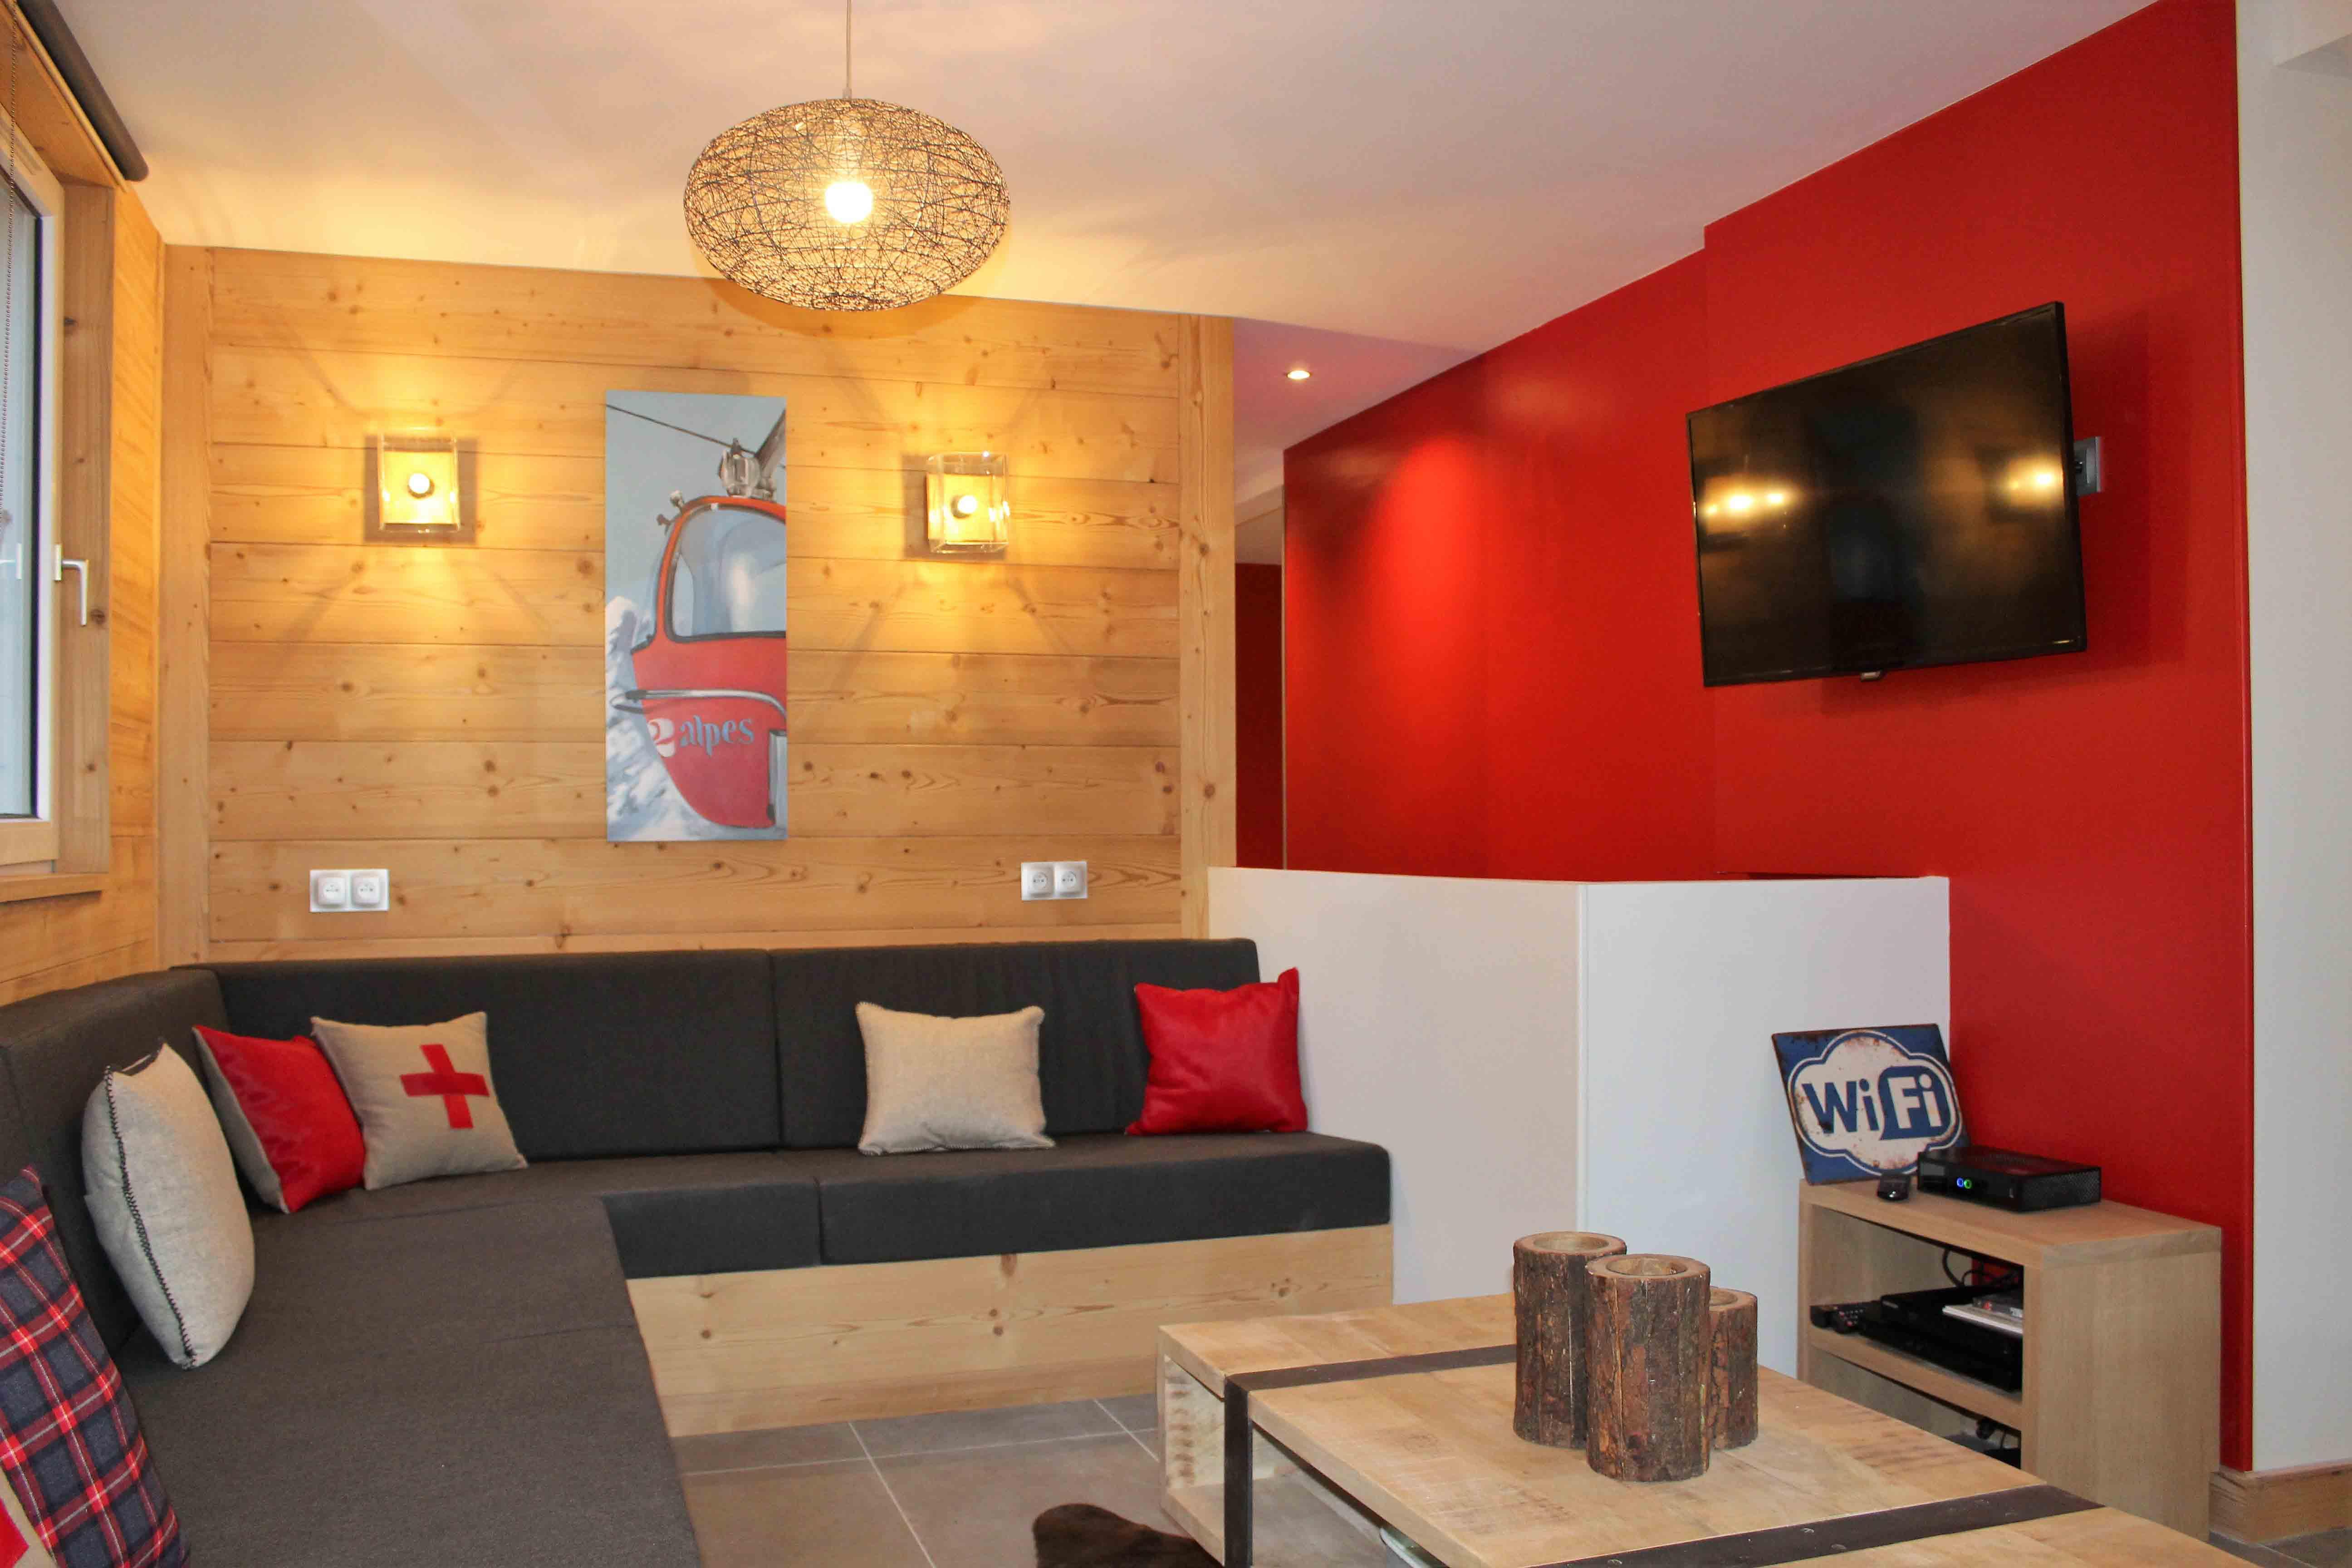 Salon rouge standing prestations haut de gamme location ski appartement les 2 alpes